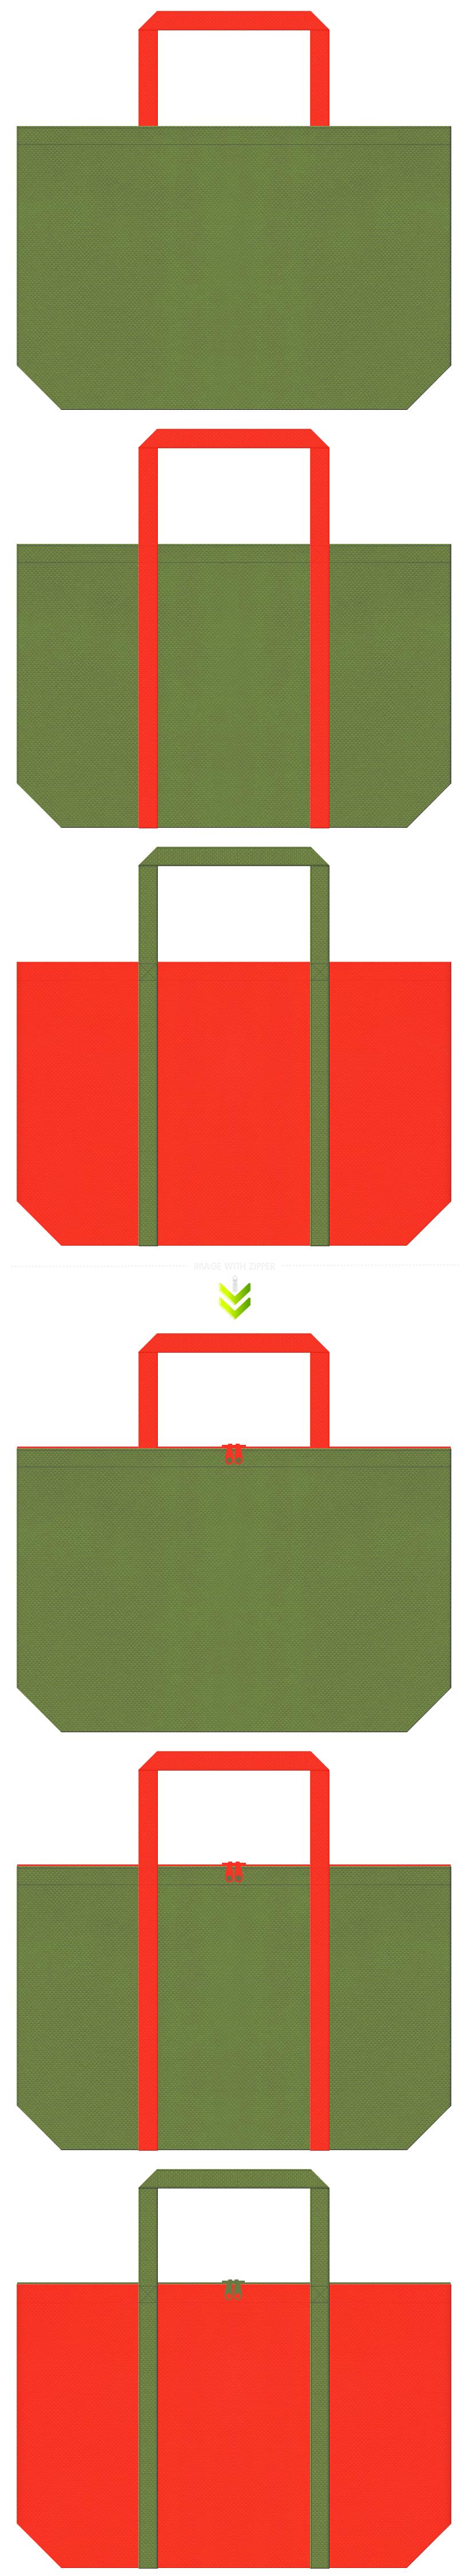 草色とオレンジ色の不織布バッグデザイン。和雑貨のショッピングバッグにお奨めです。